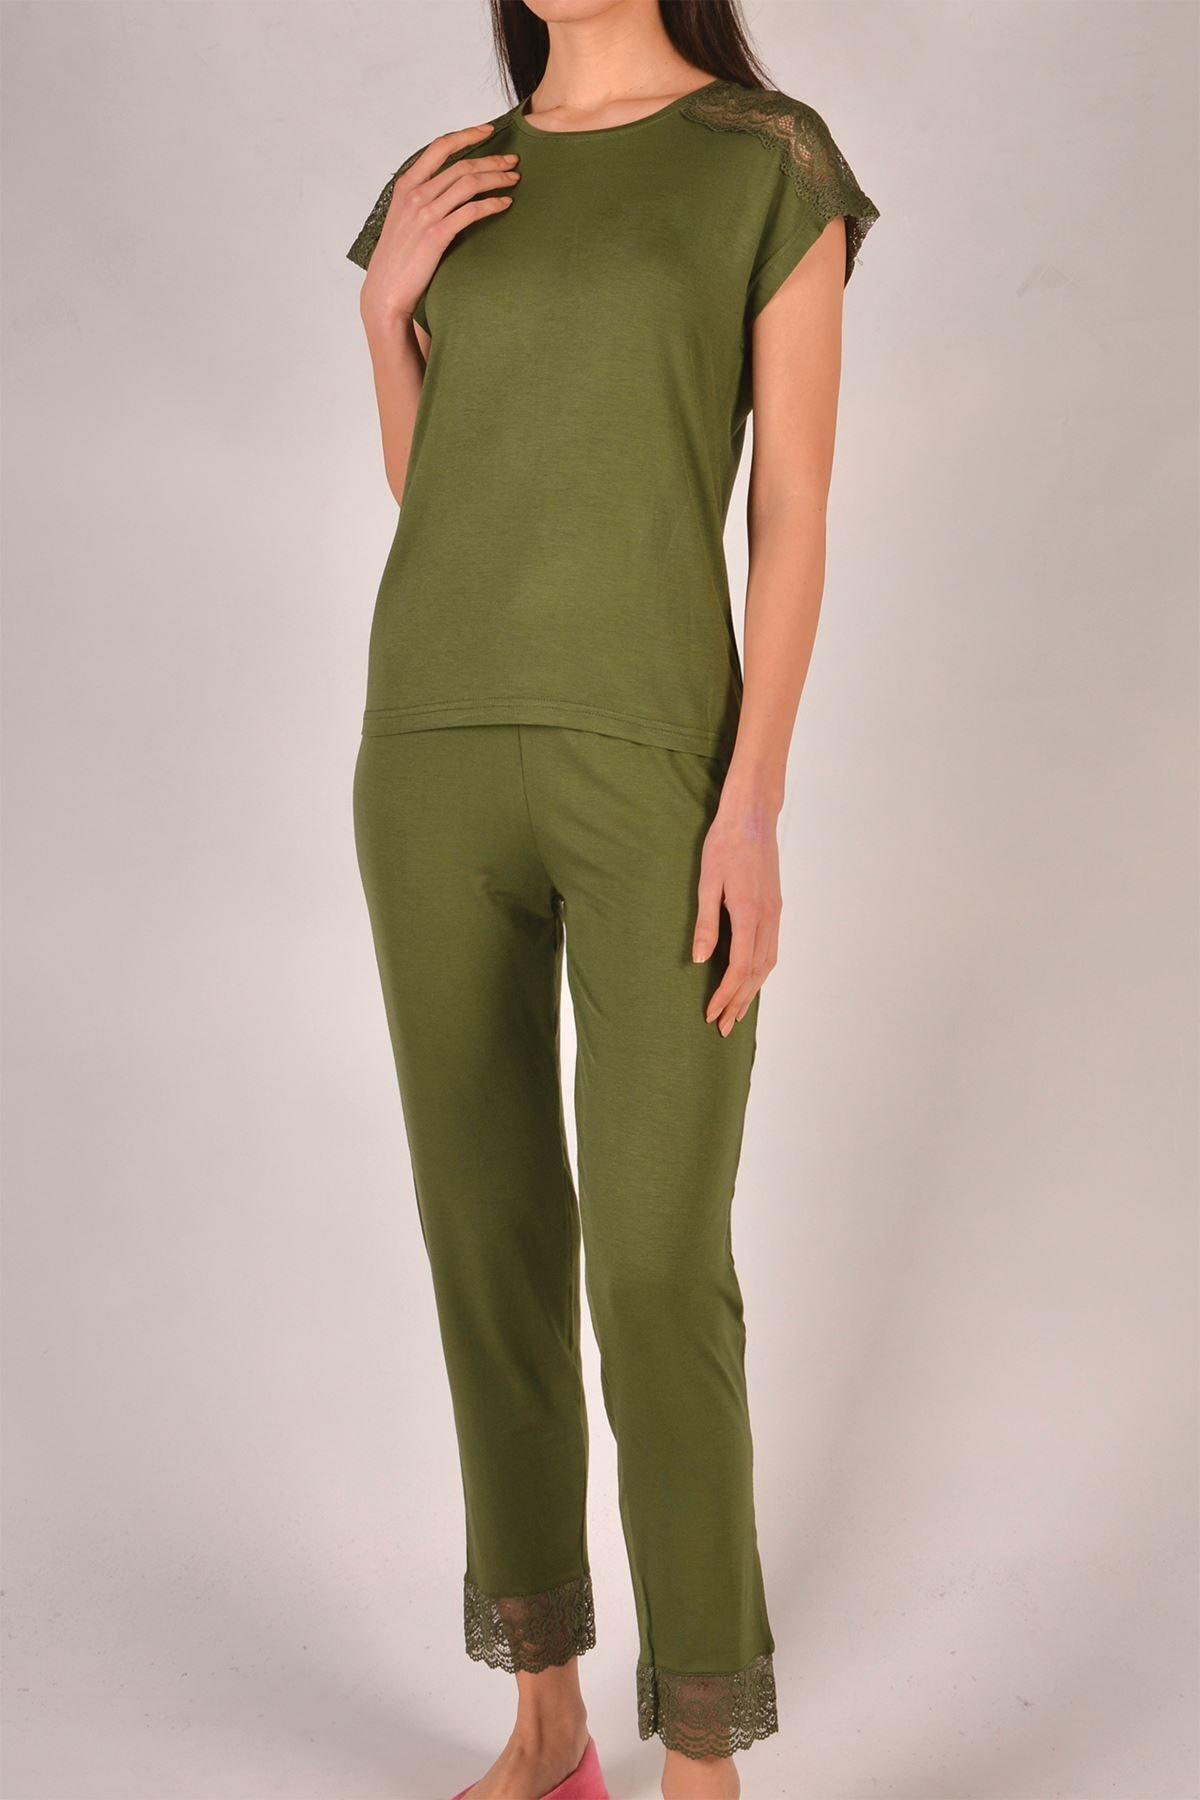 Yeşil Kadın Pijama Takımı Kısa Kollu Cepli Likralı